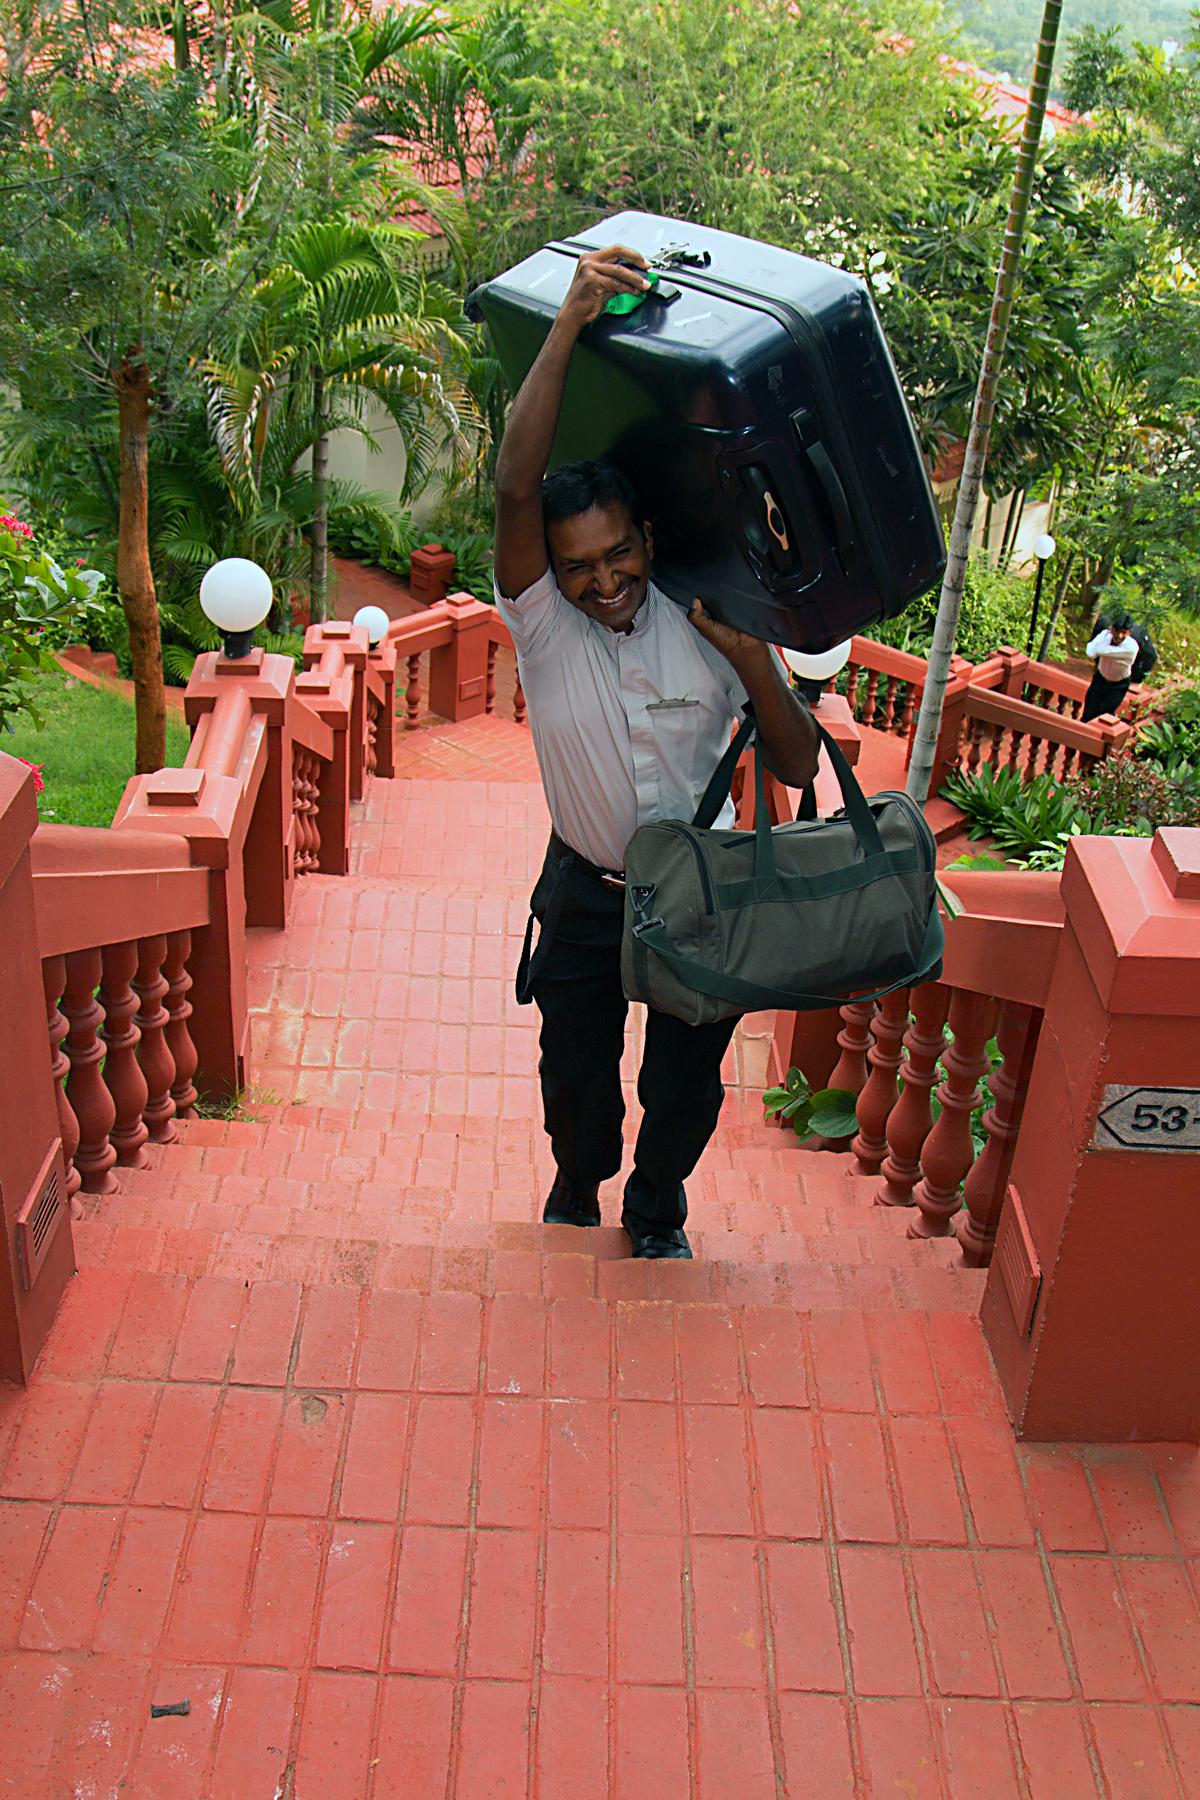 INDIEN ITC Hotel Vilasa FINEST-onTour 7861.jpg